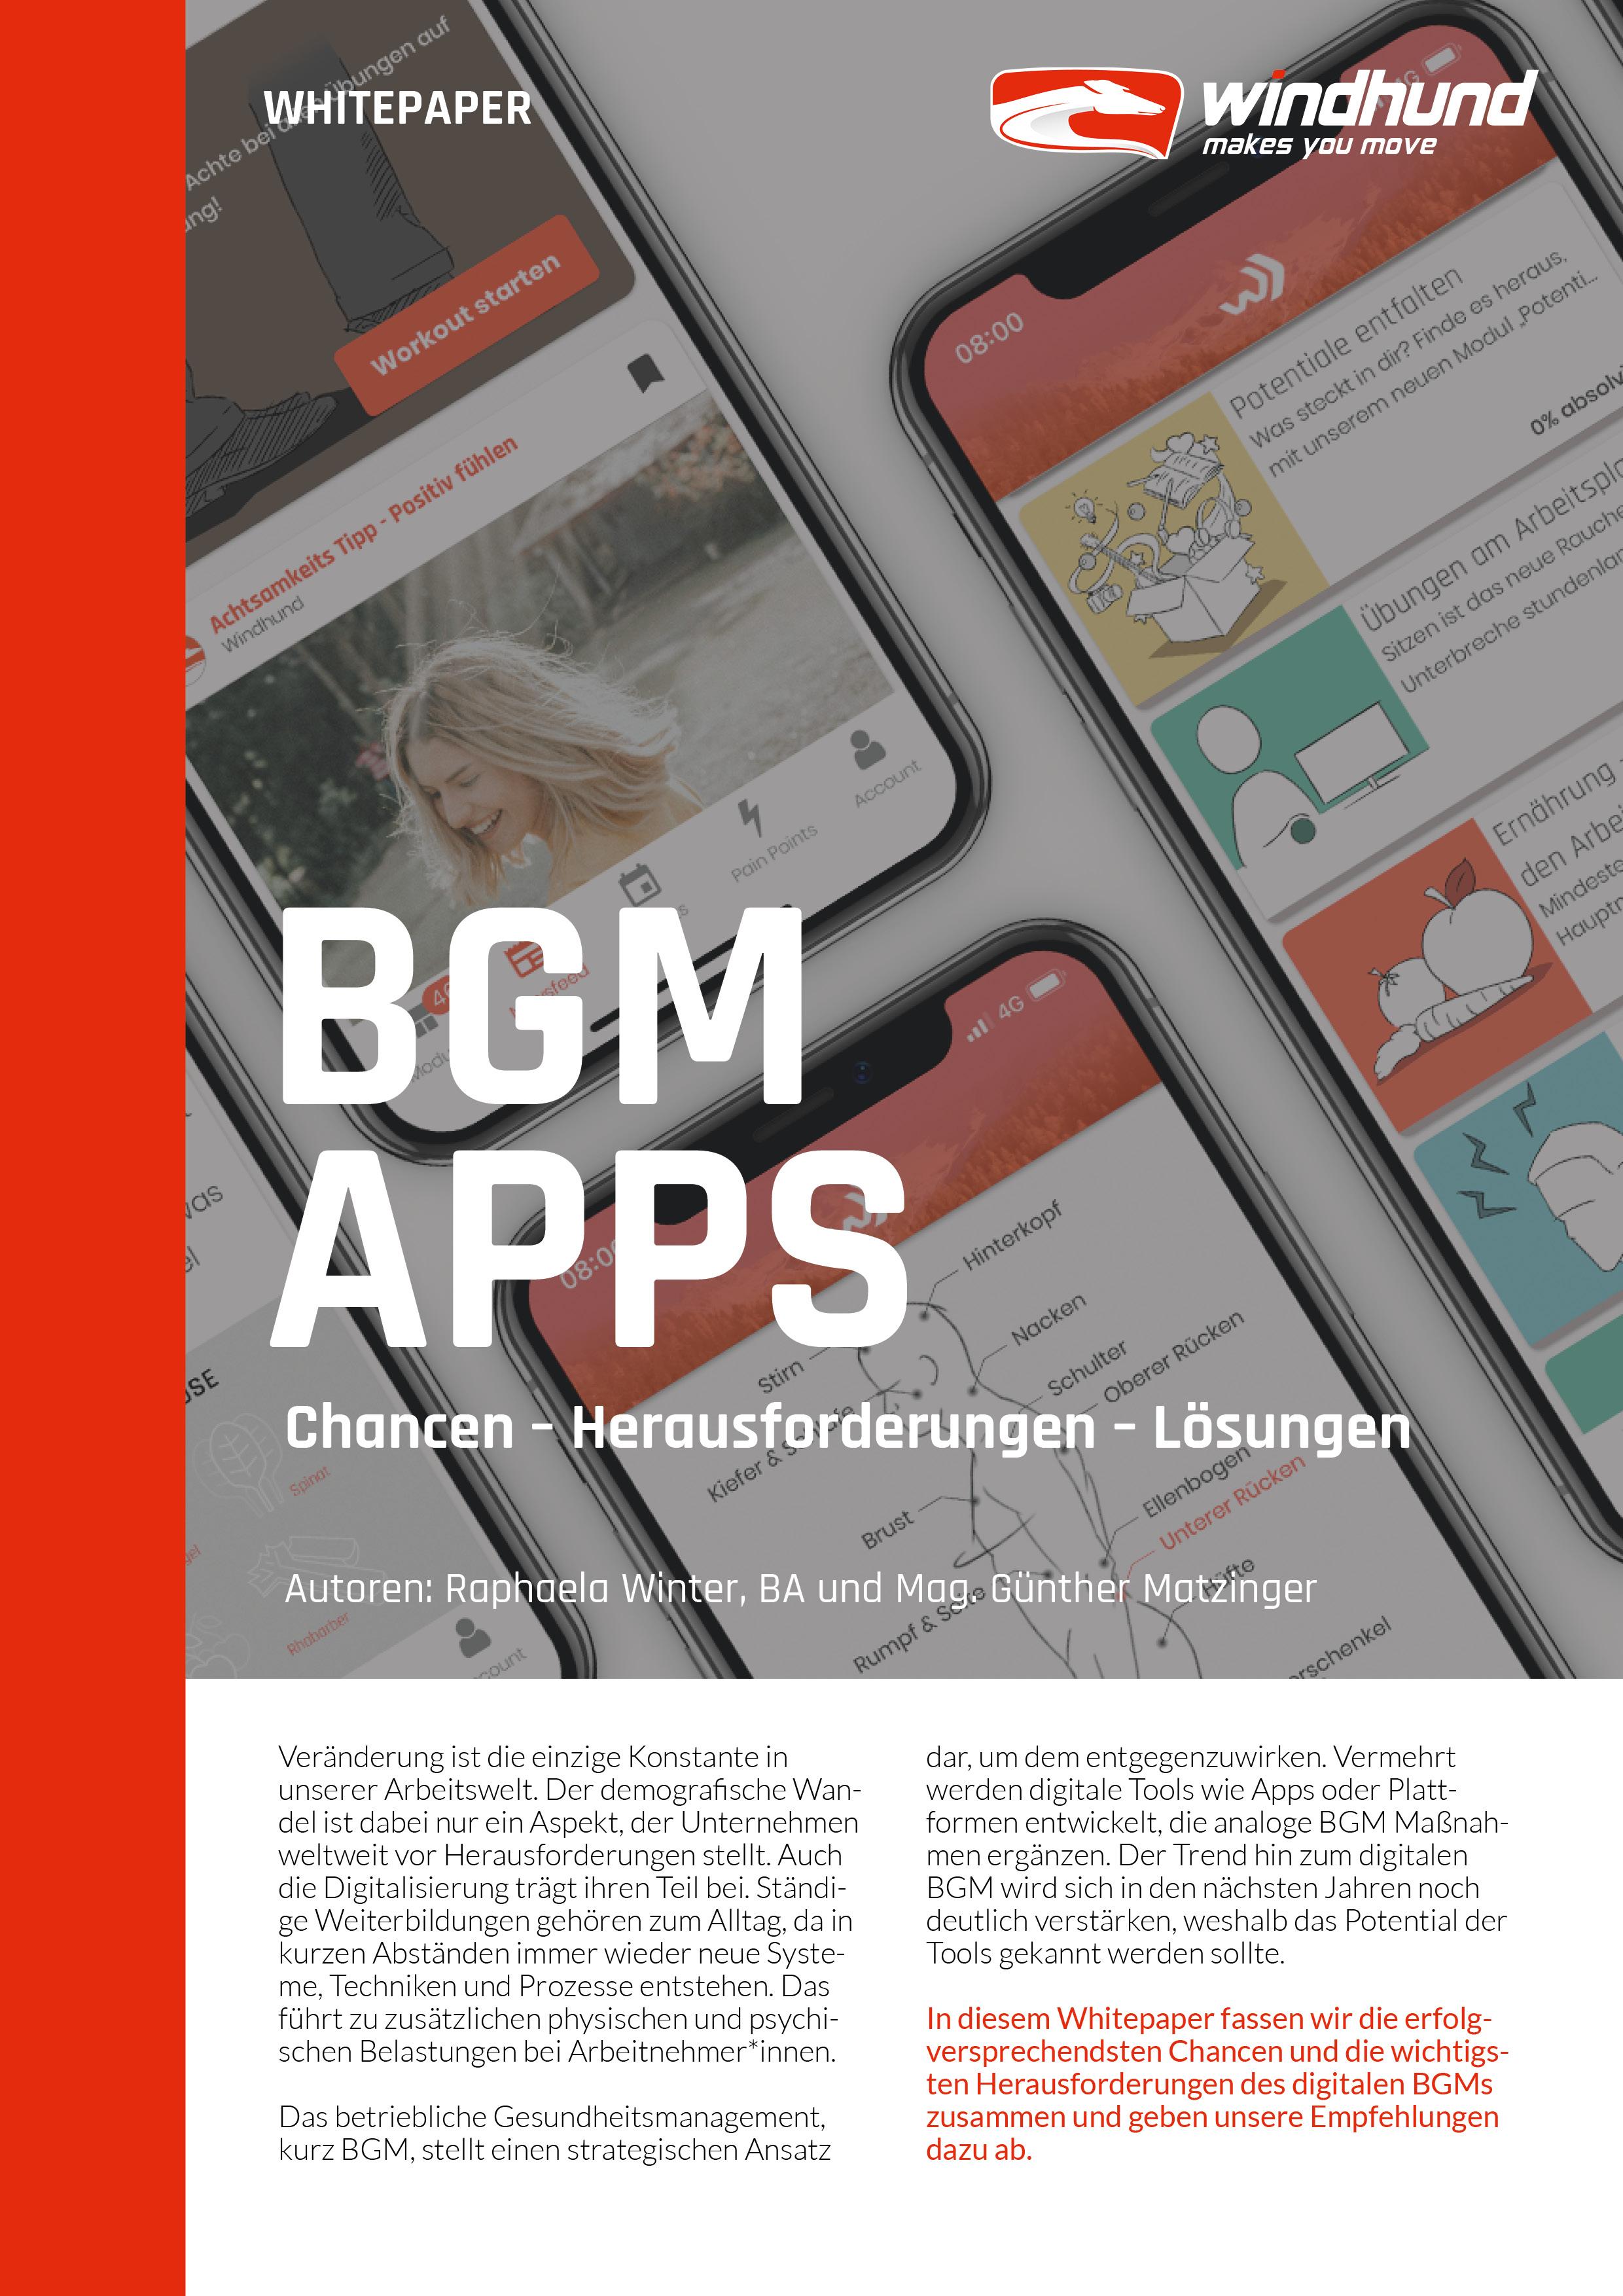 Windhund Whitepaper Chancen und Herausforderungen digitaler BGM Tools